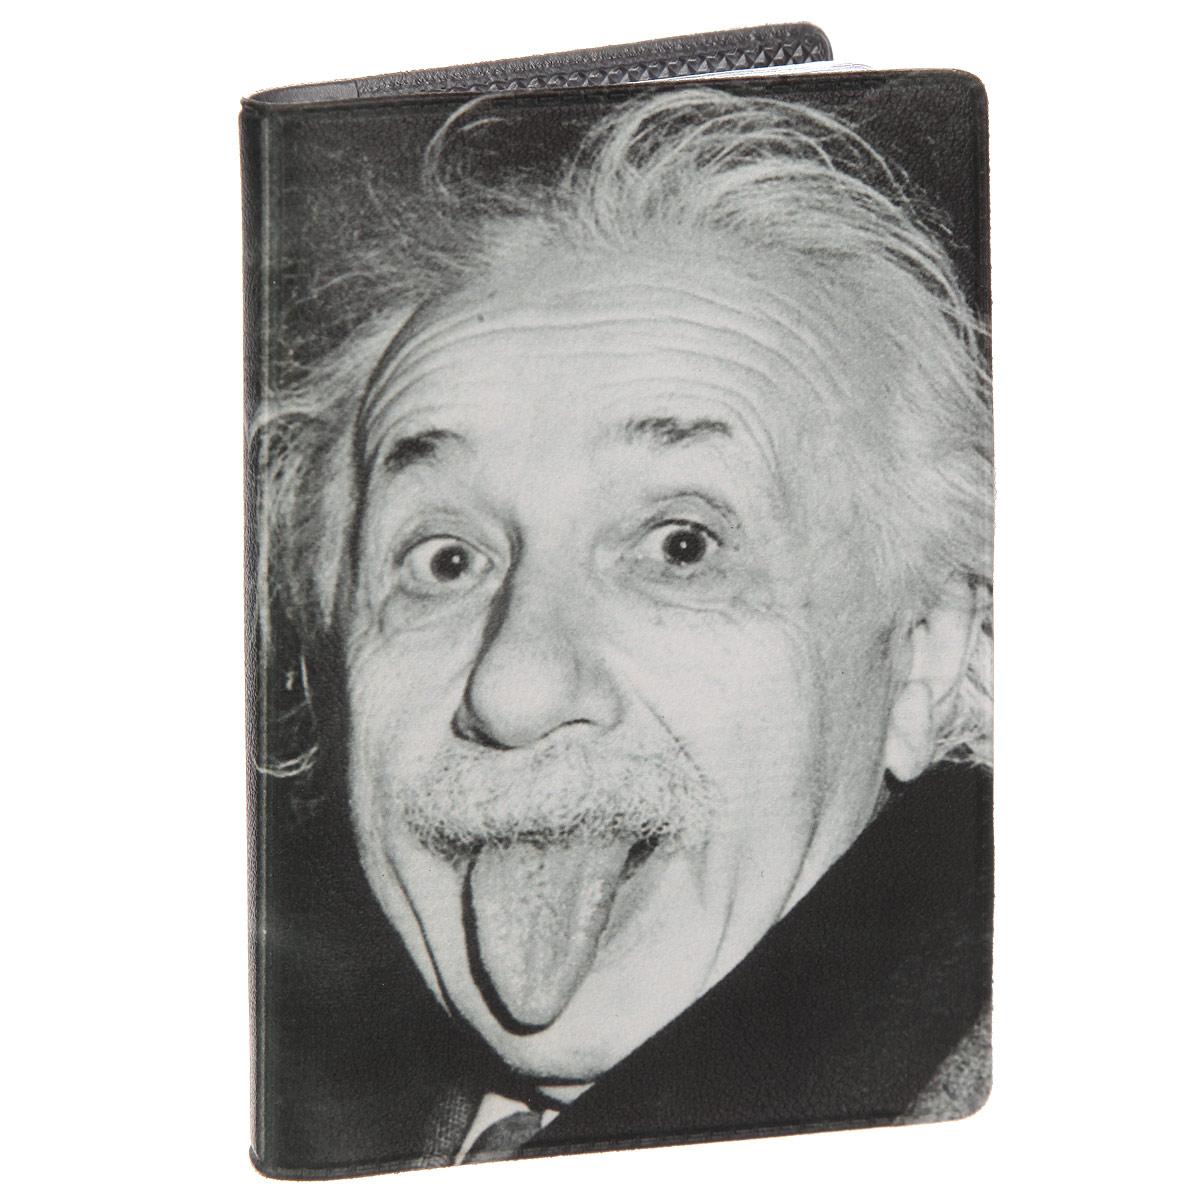 Визитница Эйнштейн. VIZAM295W16-11128_323Стильная визитница Mitya Veselkov Эйнштейн выполнена из поливинилхлорида. Изделие оформлено художественной печатью с изображением ученого. Внутри размещены два пластиковых кармана и вкладыш на восемнадцать кармашков.Яркая визитница Mitya Veselkov Эйнштейн не только поможет сохранить внешний вид ваших визиток, а также станет стильным аксессуаром, идеально подходящим к вашему образу.